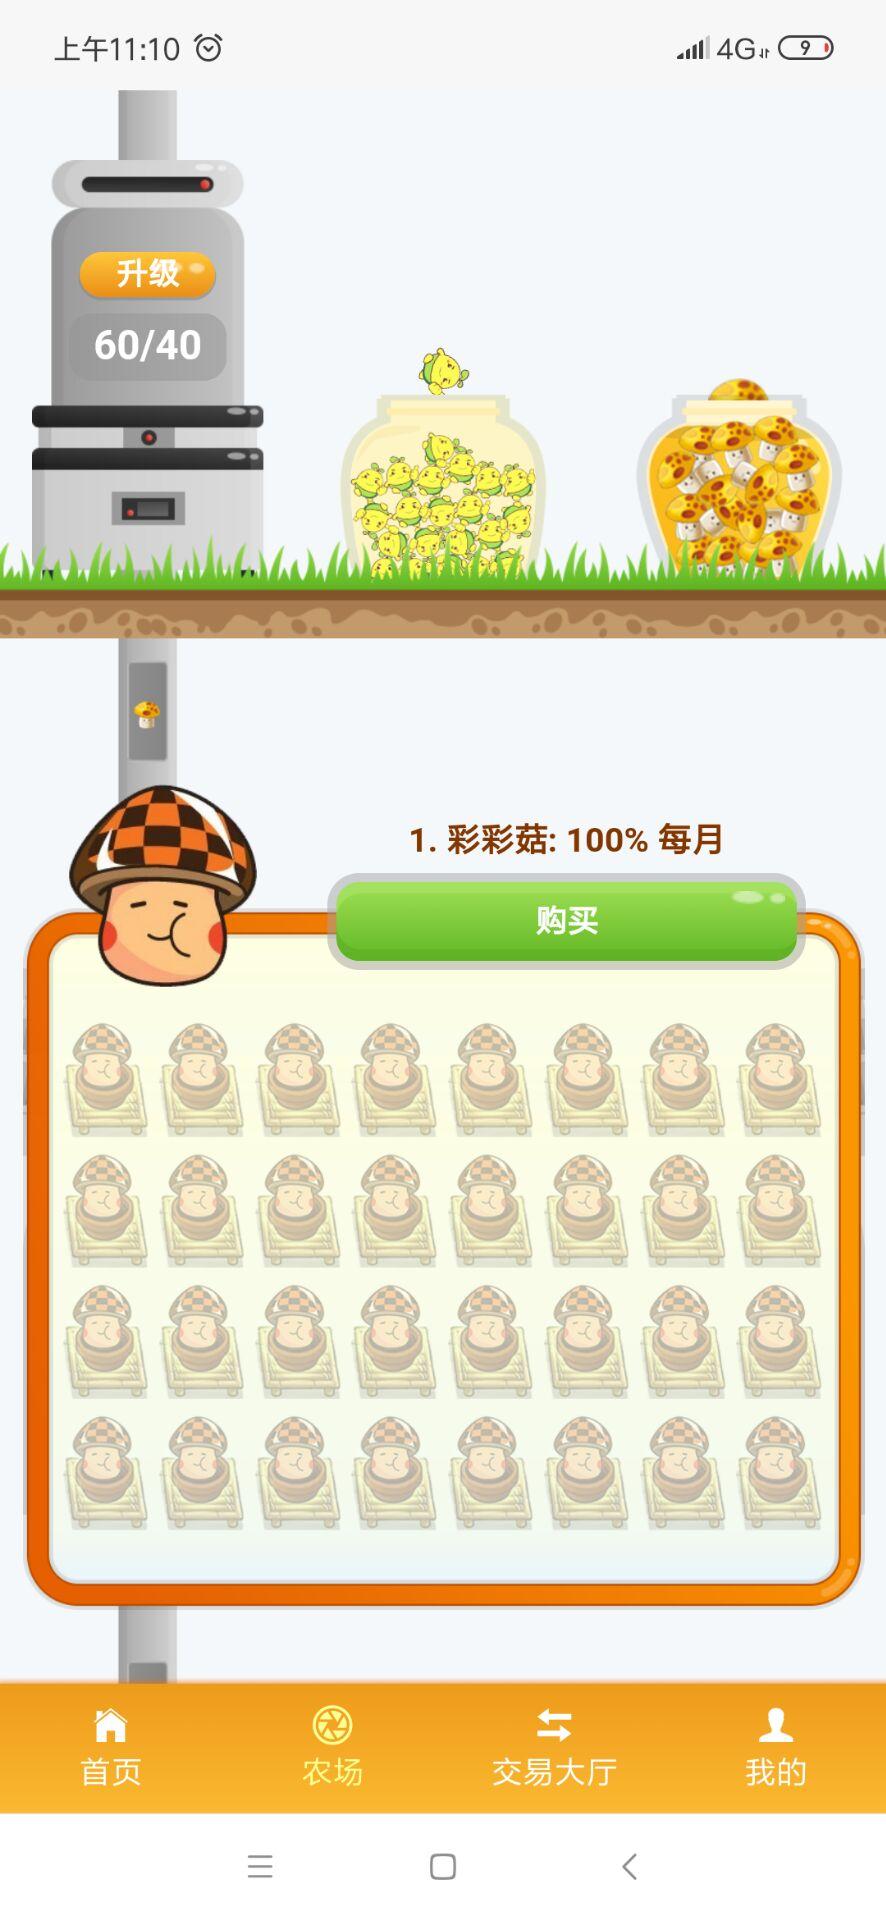 蘑菇生活是什么项目?MogLife可以0撸赚钱吗?蘑菇生活新手操作图文教程。插图4